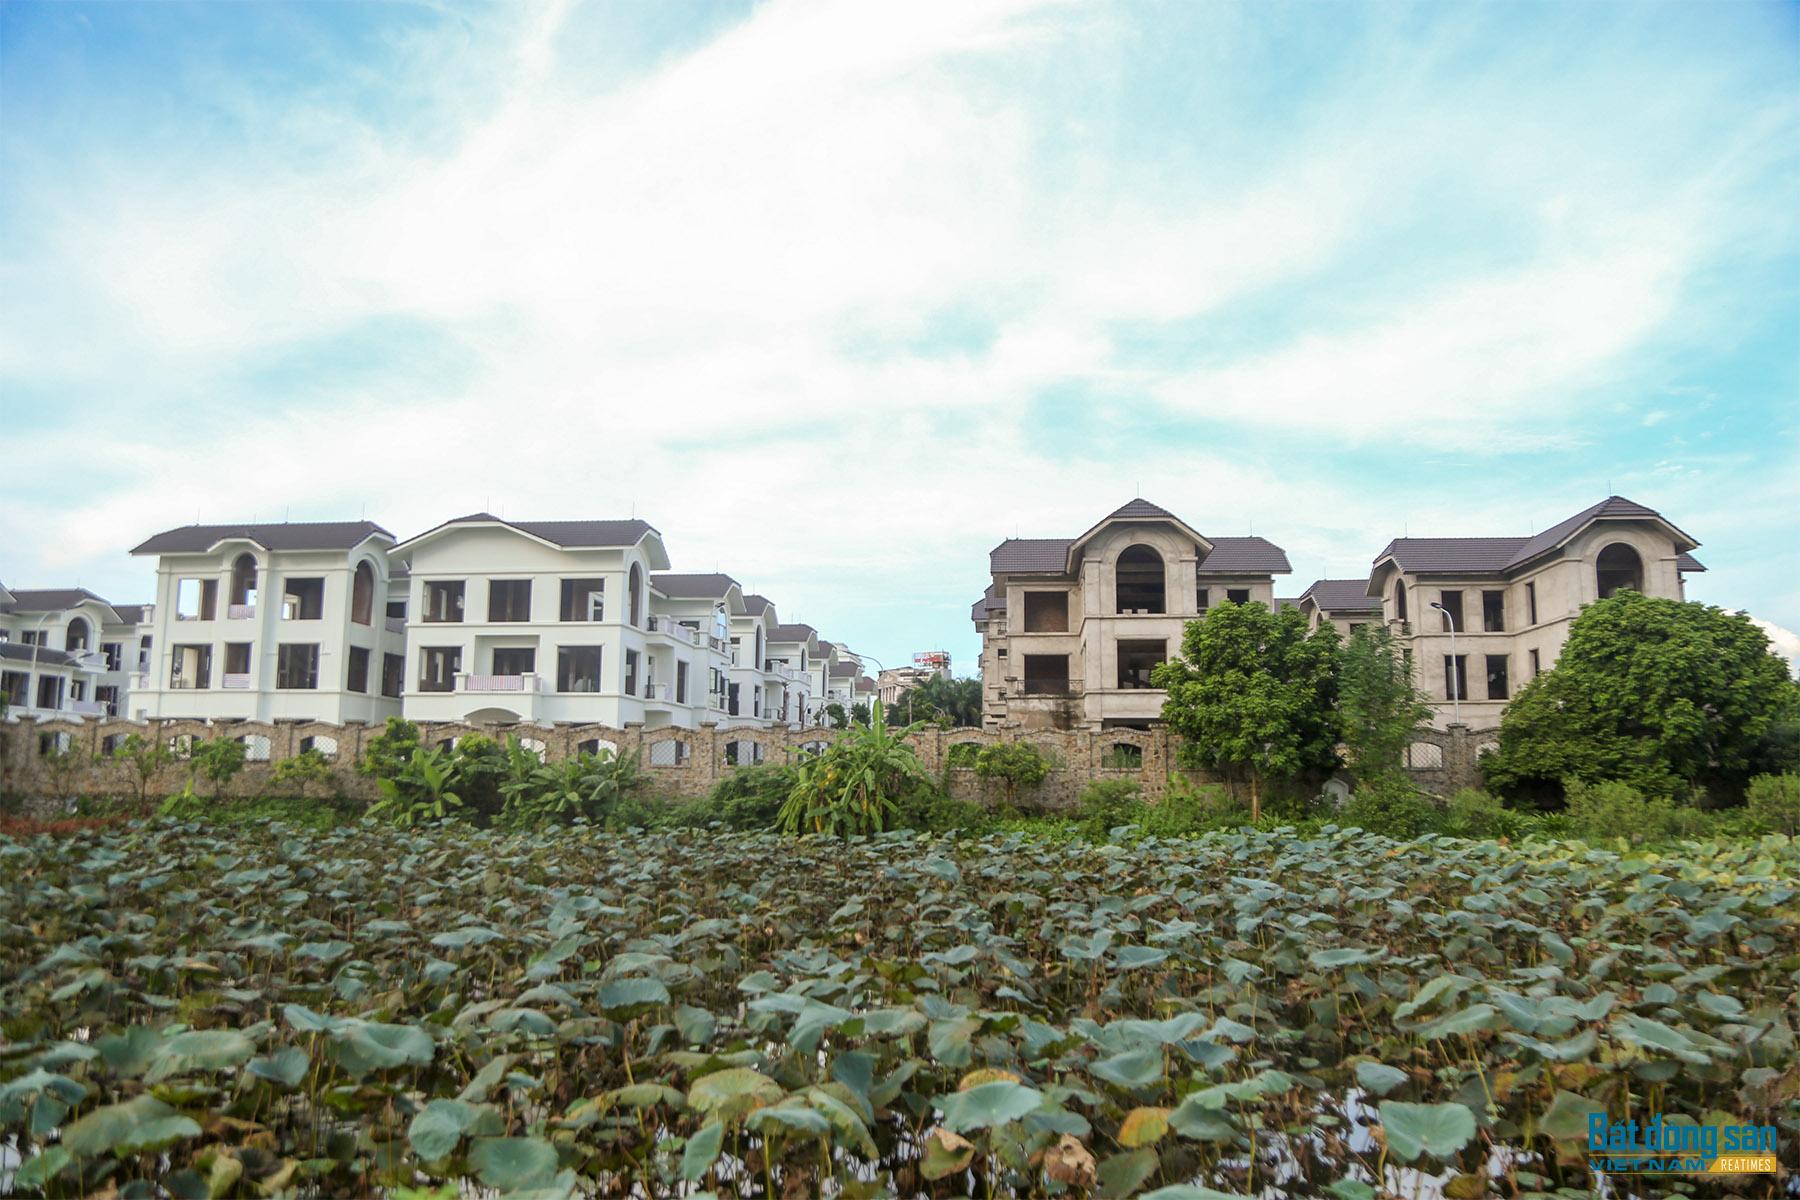 Reatimes_13.png, Dự án 44 căn biệt thự bỏ hoang, làng Đoàn kết